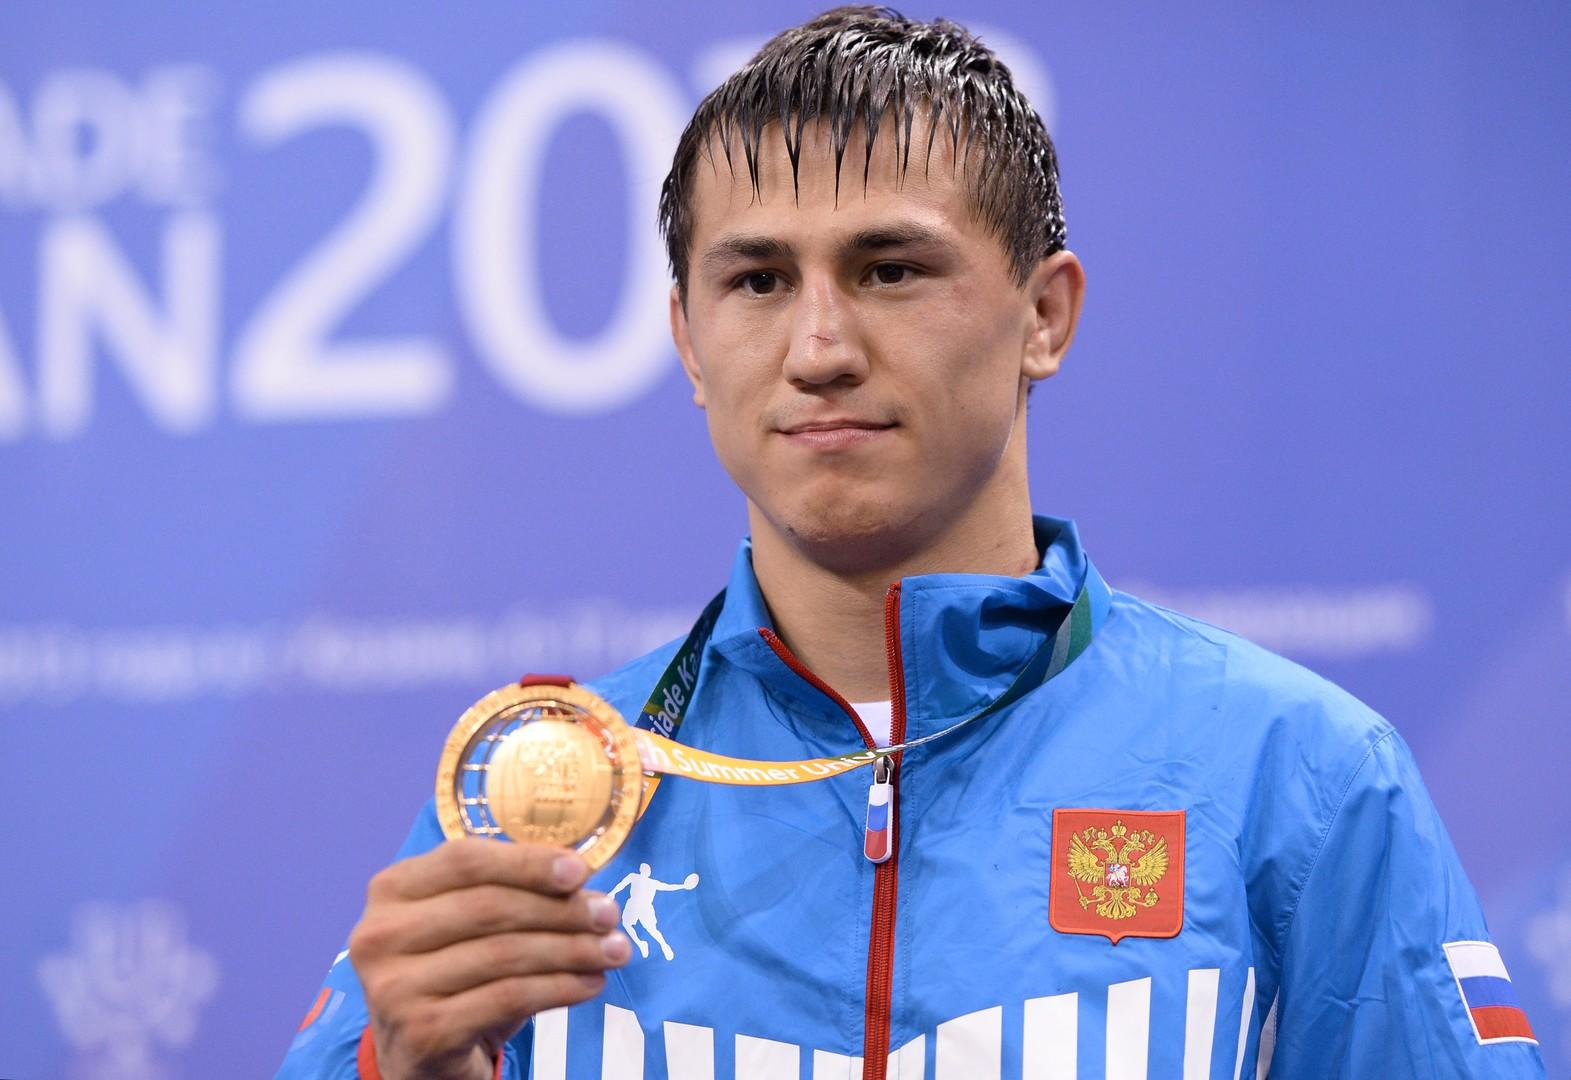 Sprint-WM in Seoul: Organisatoren vertauschen die russische und US-amerikanische Nationalhymne